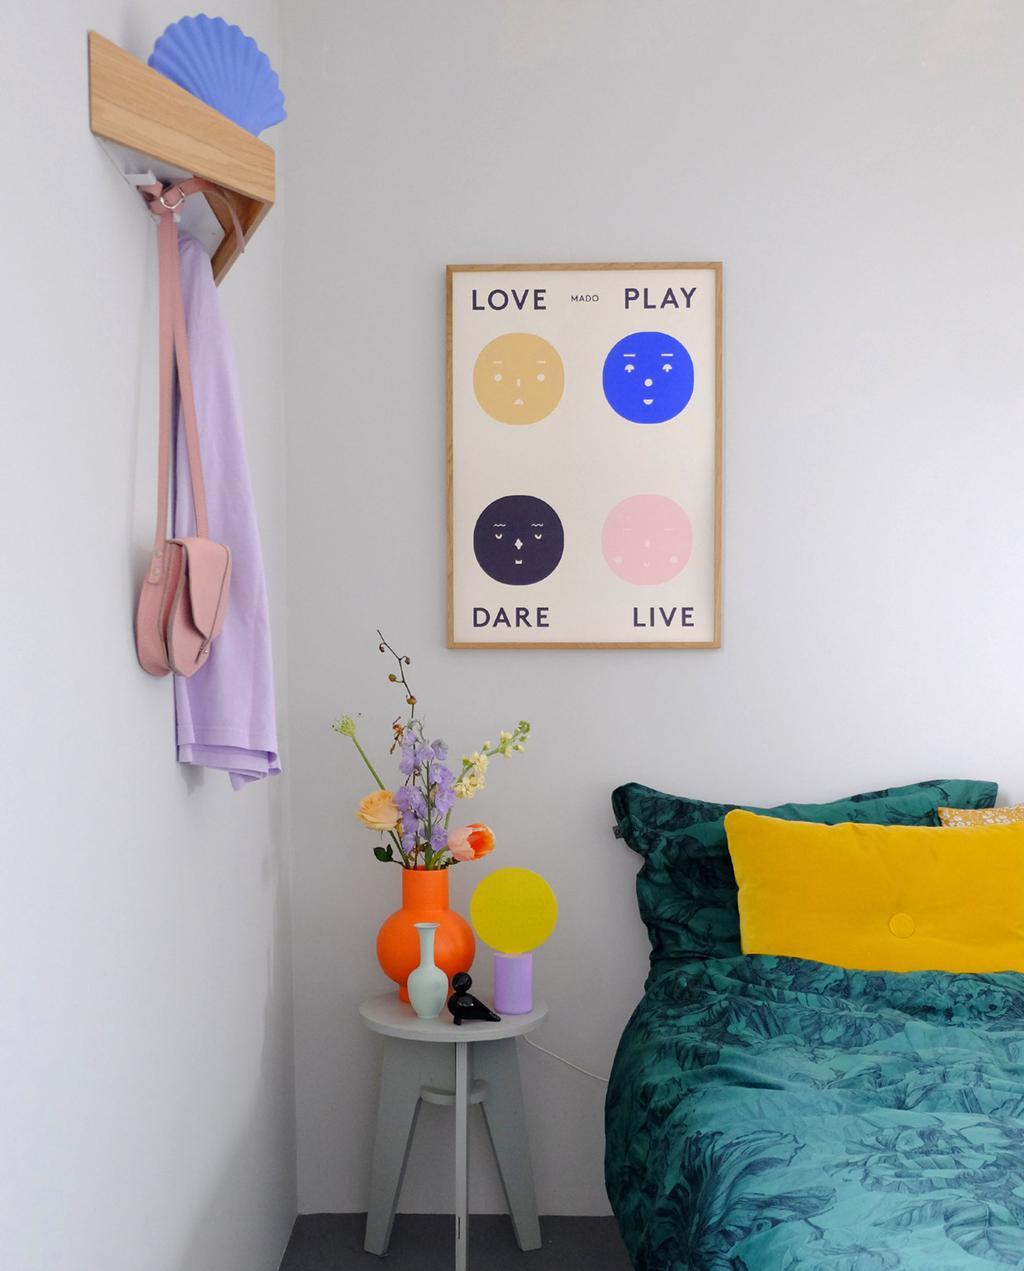 Vtwonen 02-2020 | Kleurrijk interieur met accessoires op nachtkastje naast bed voor blog PRCHTG